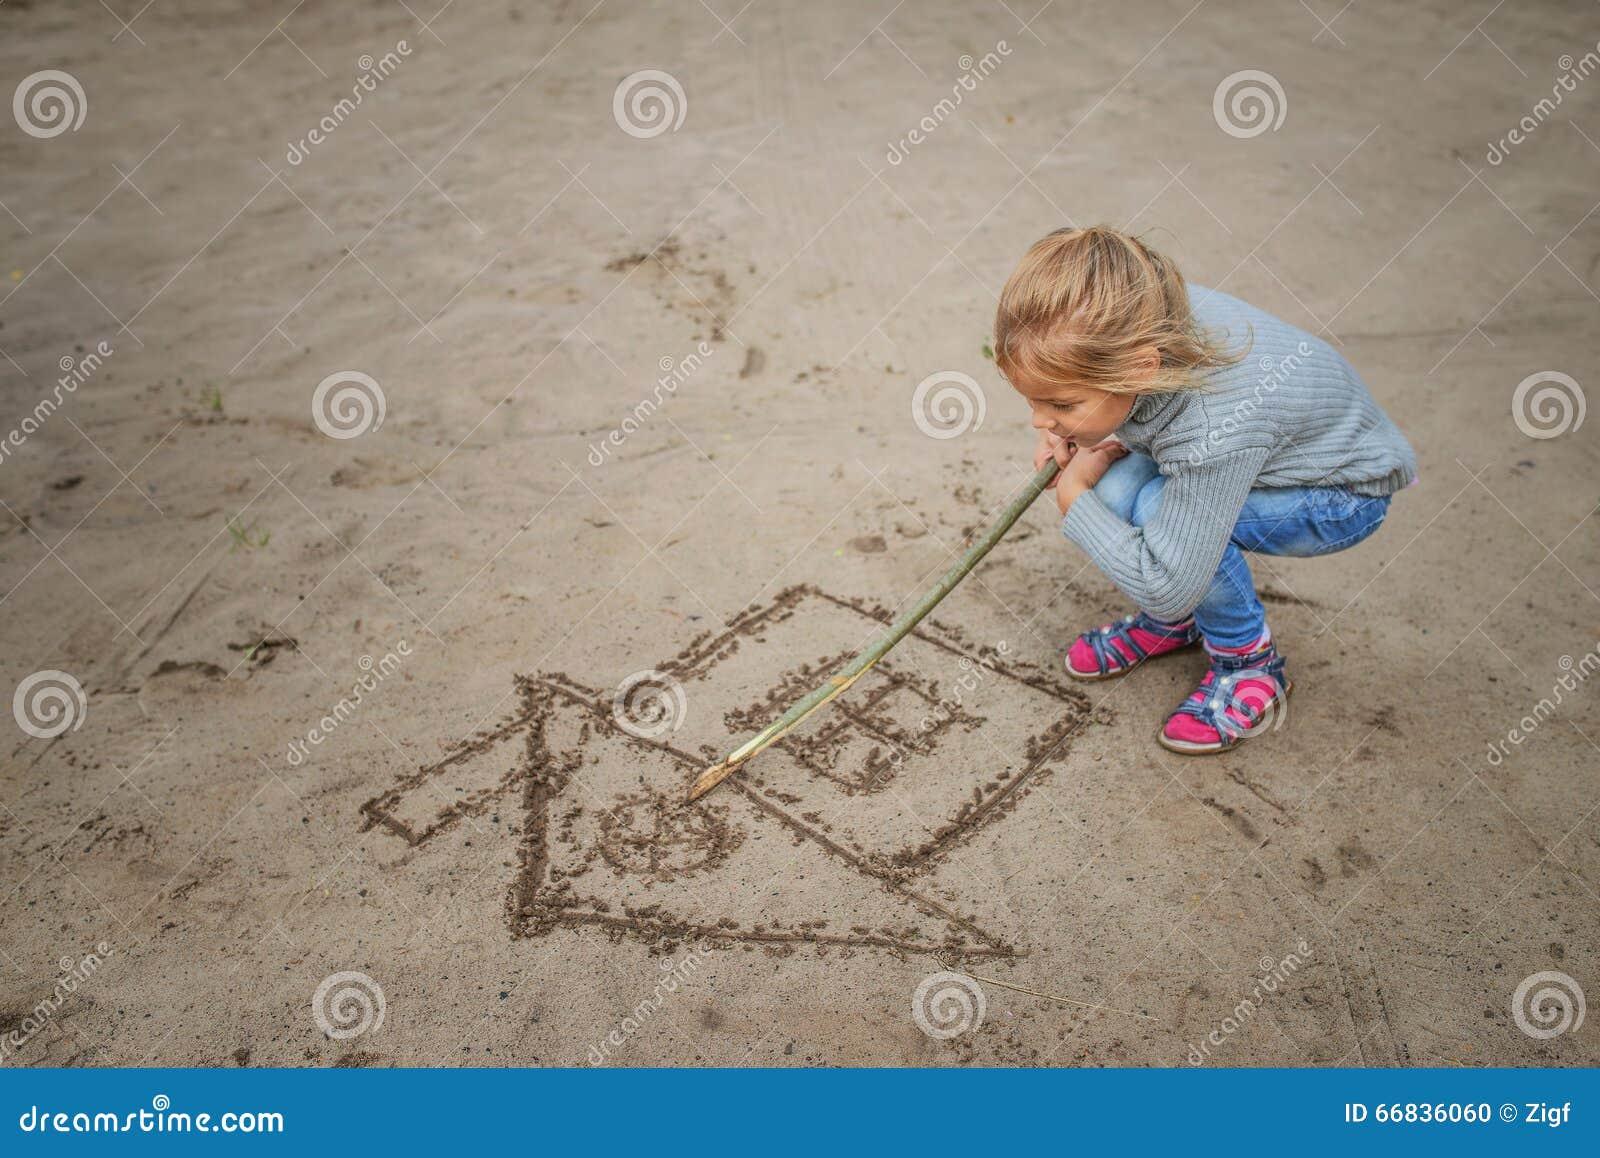 La petite fille dessine dans le sable